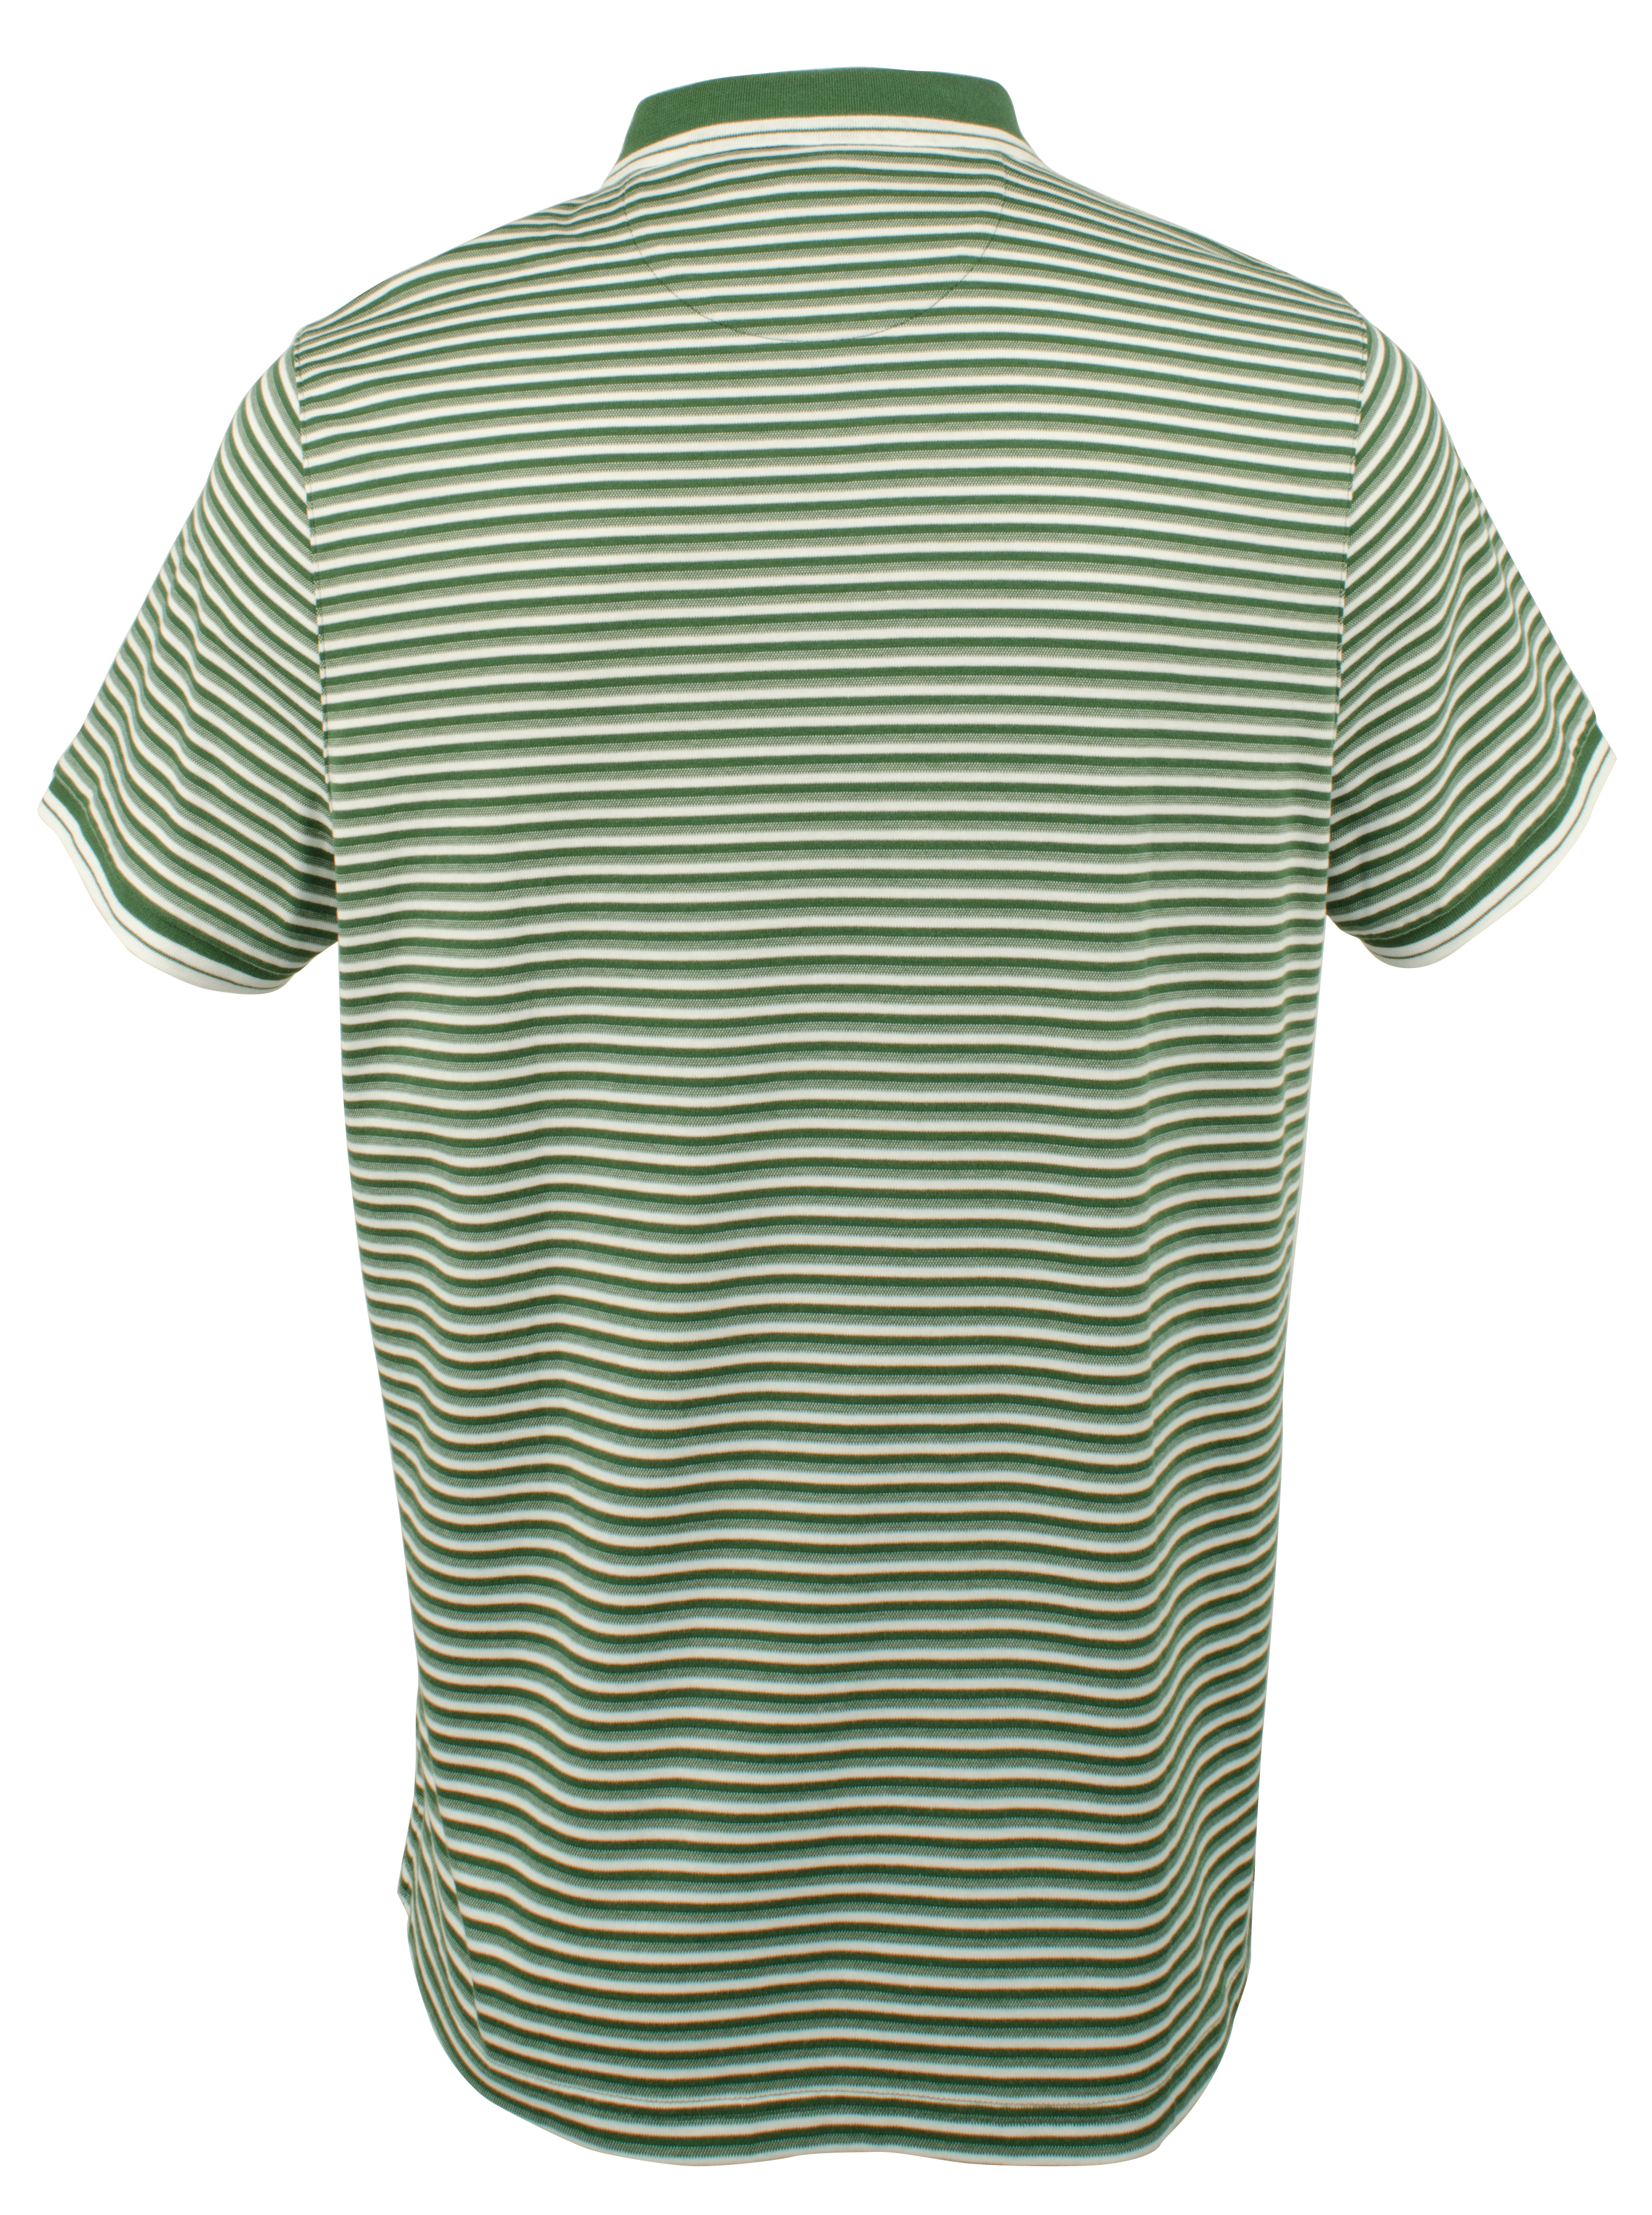 0a7e79f0 Michael Kors Men's Greenwich Striped Cotton Polo Shirt | eBay